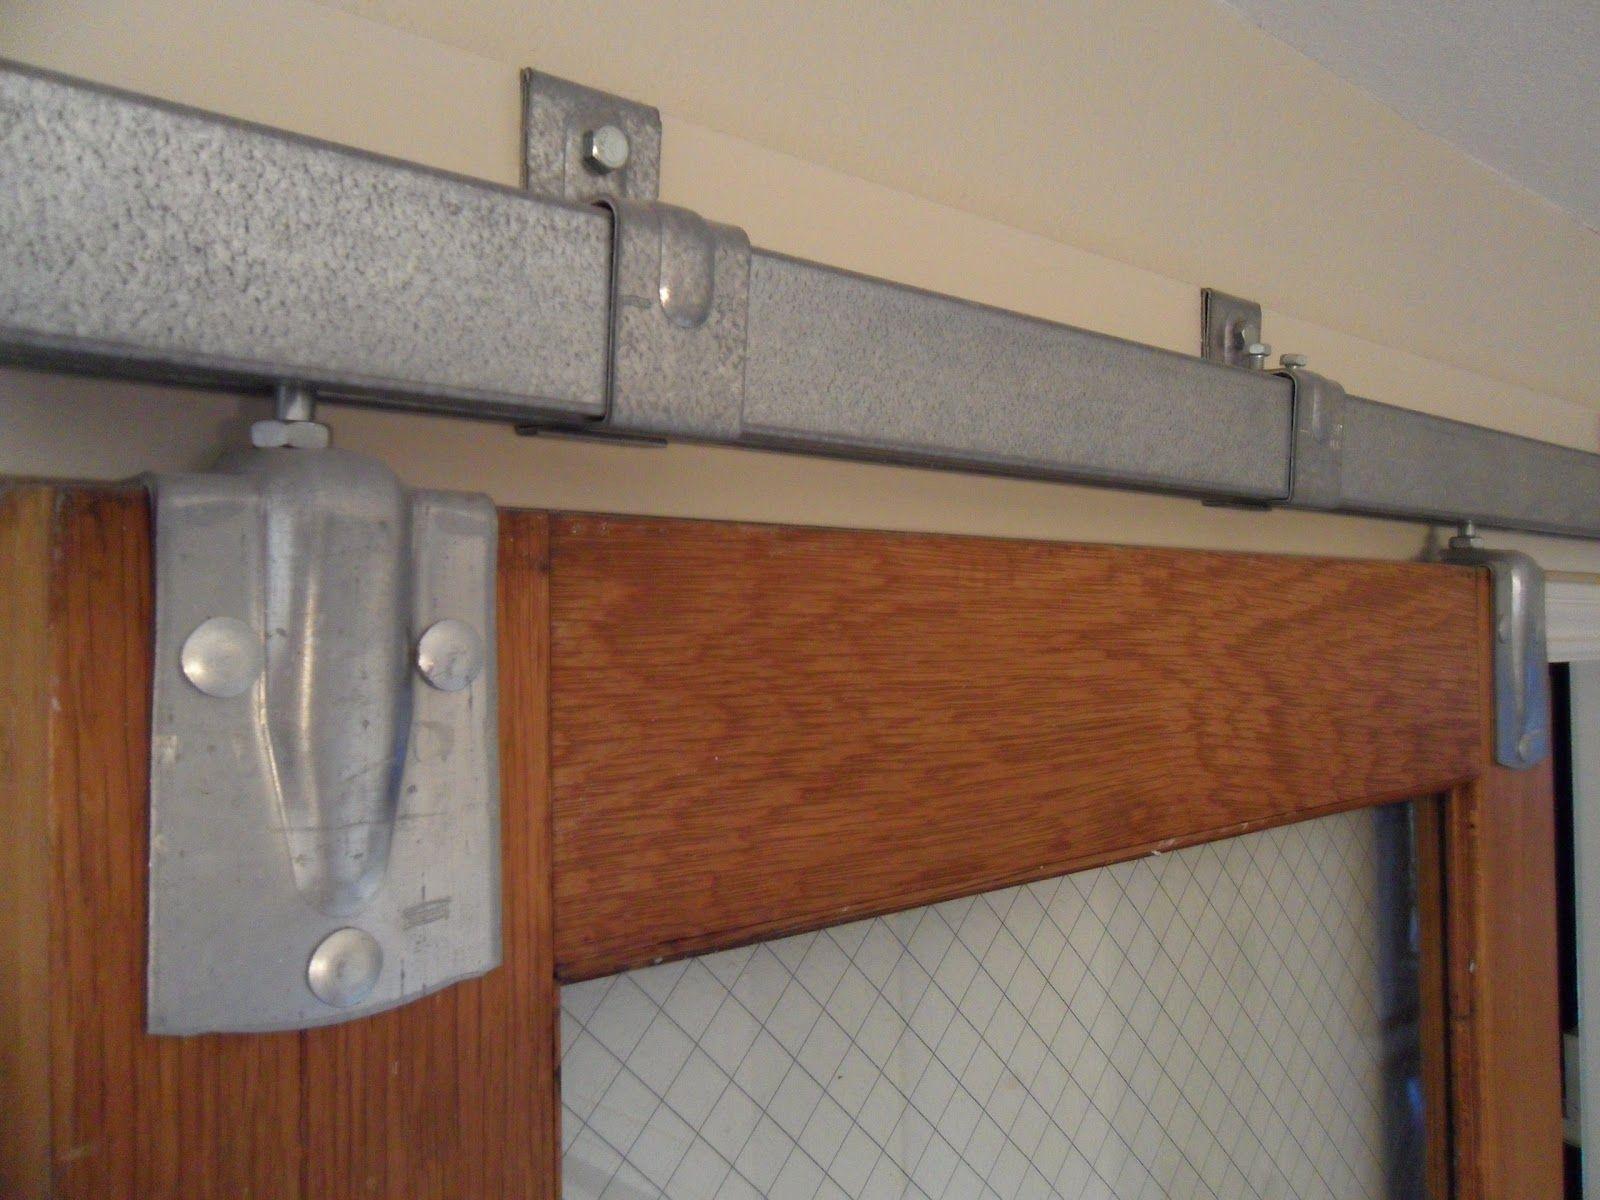 Diy sliding barn door track - Barn Door Track System